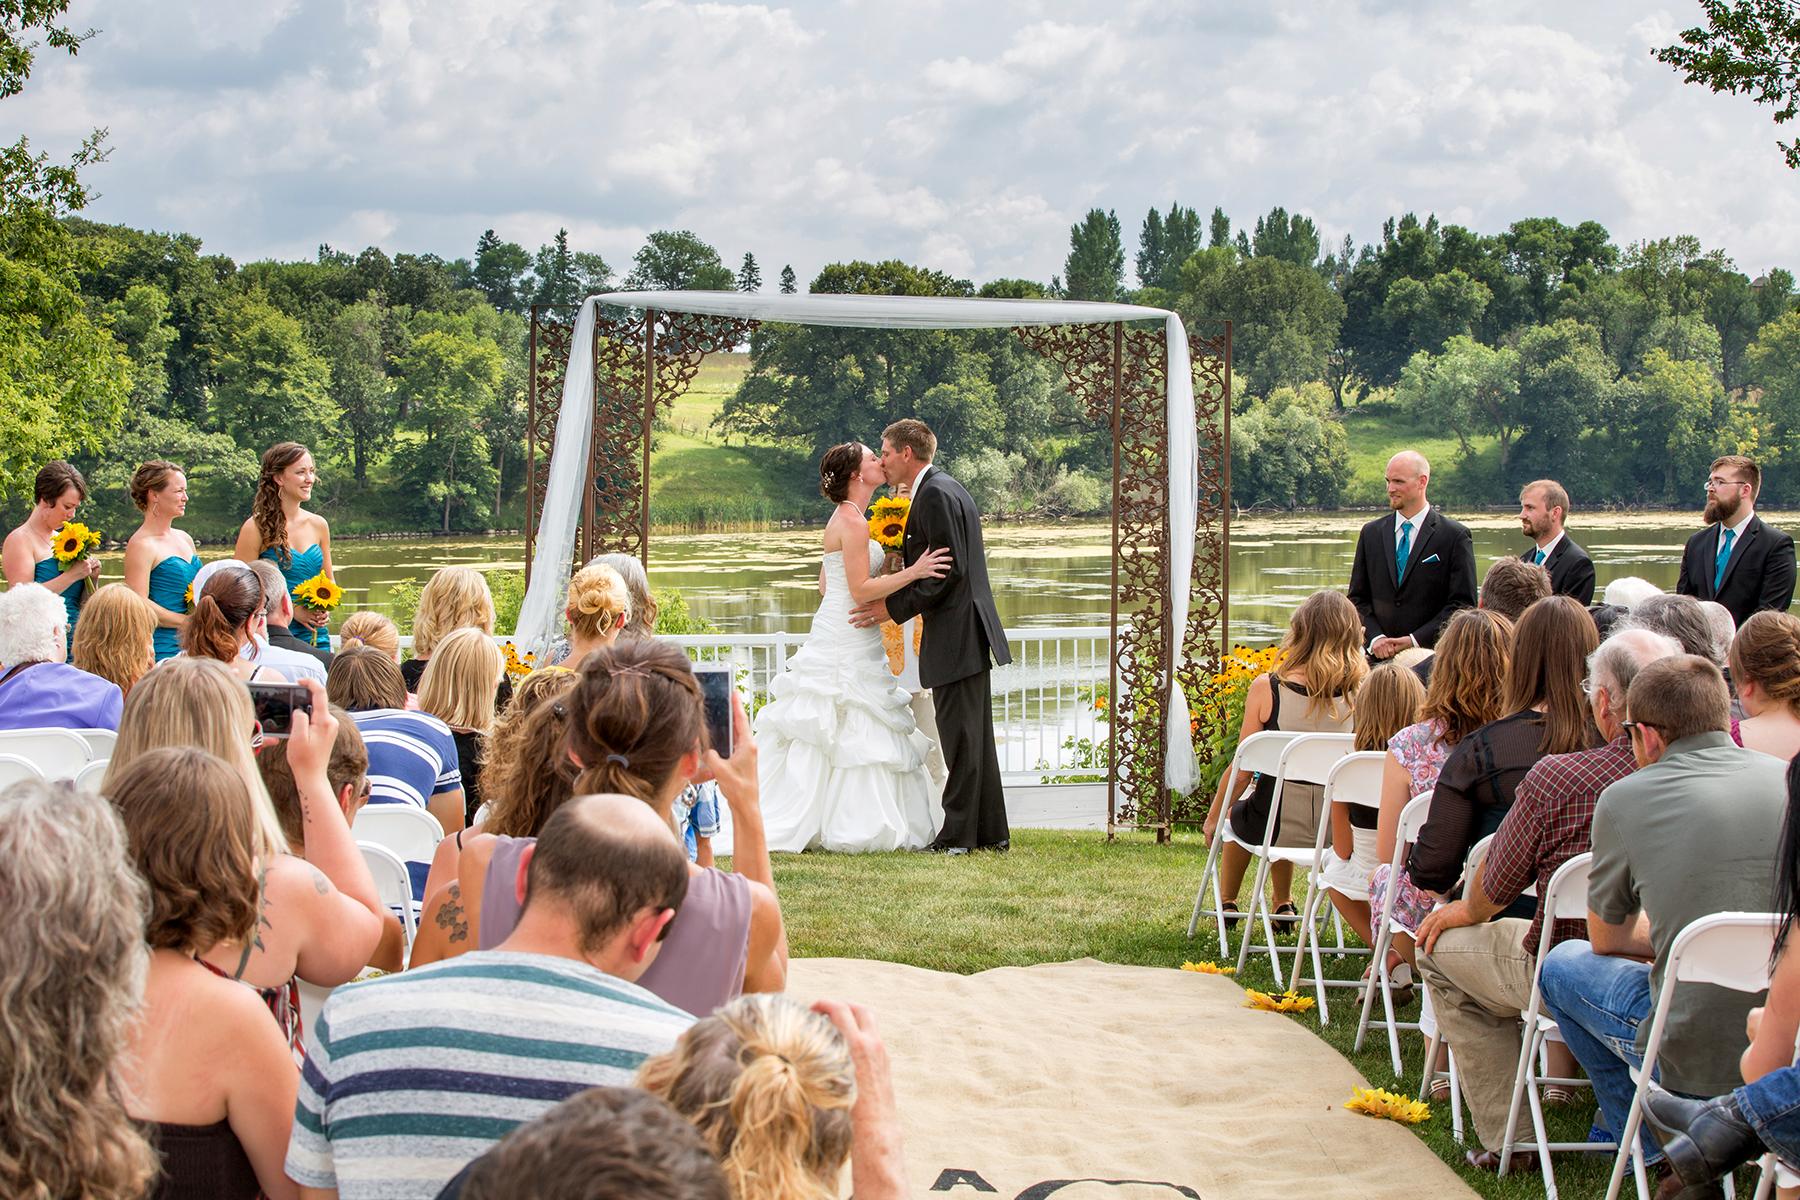 Outdoor wedding ceremony photo